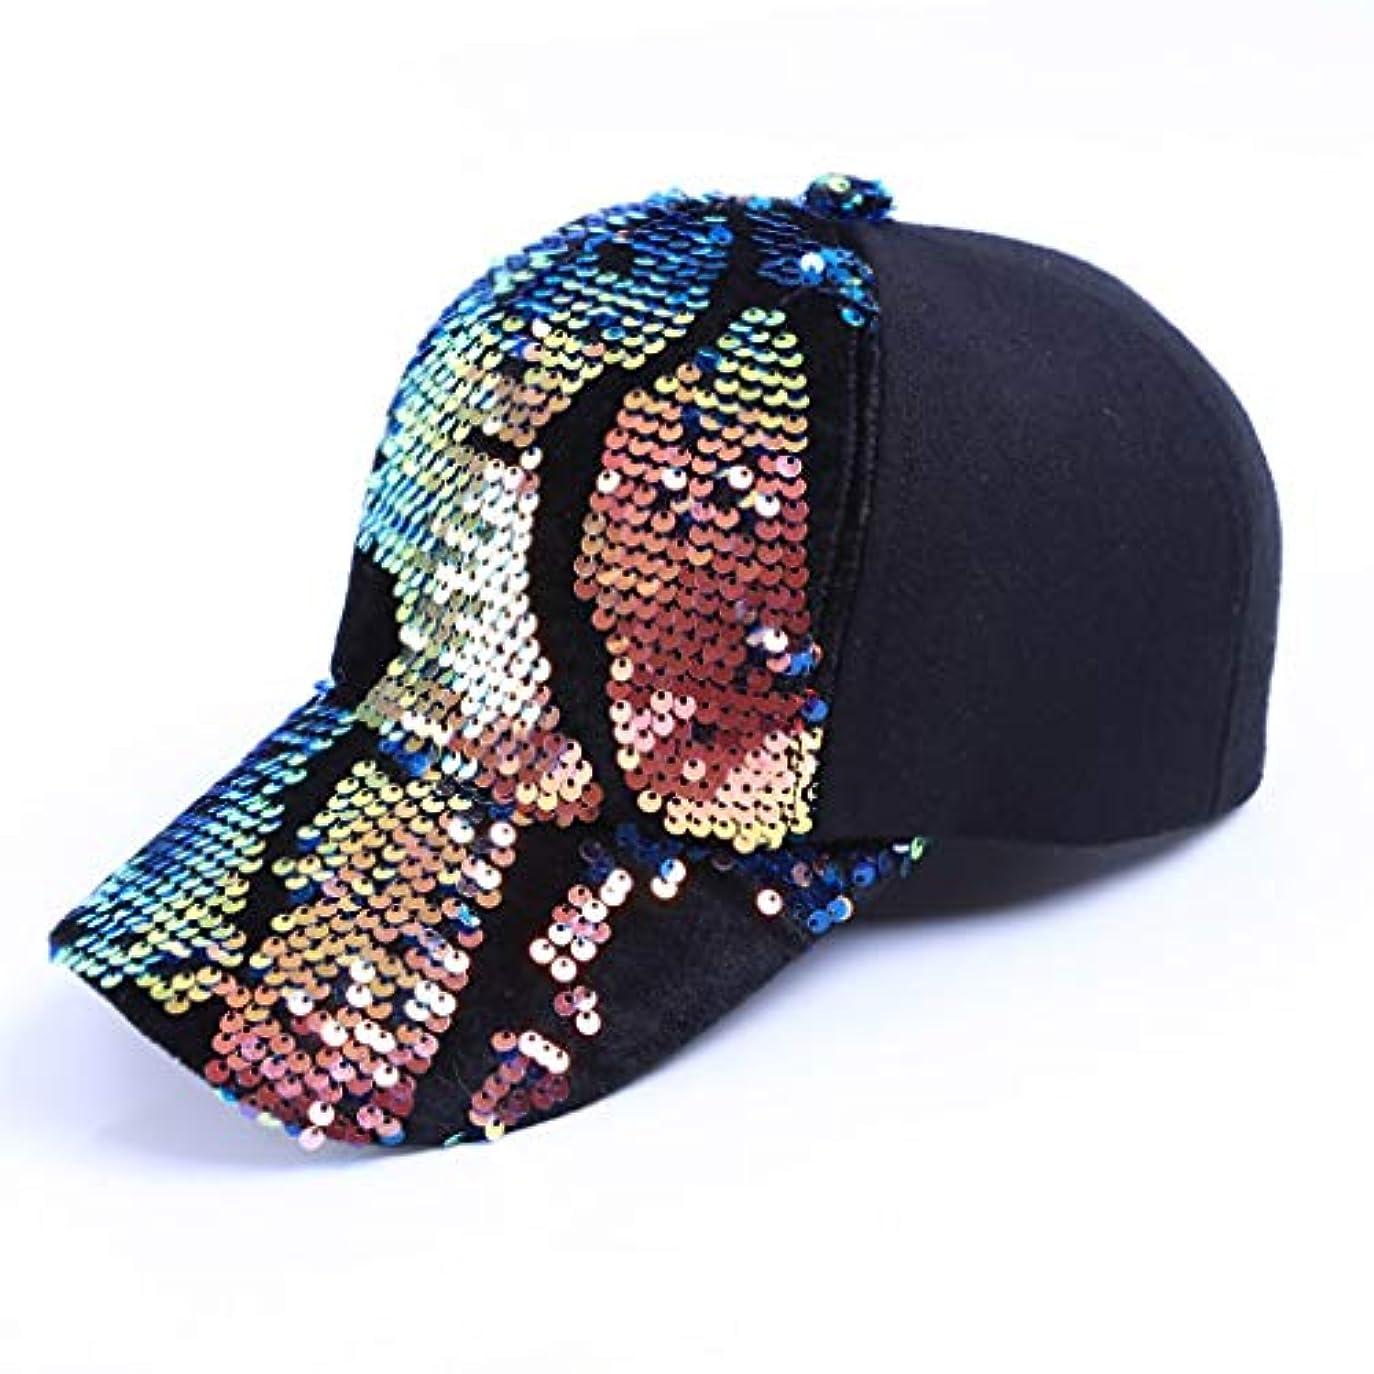 教育するメンテナンスしかし帽子女性の春と秋の新しい野球帽ファッショントレンドスパンコールウールカジュアル韓国キャップ (Color : B)